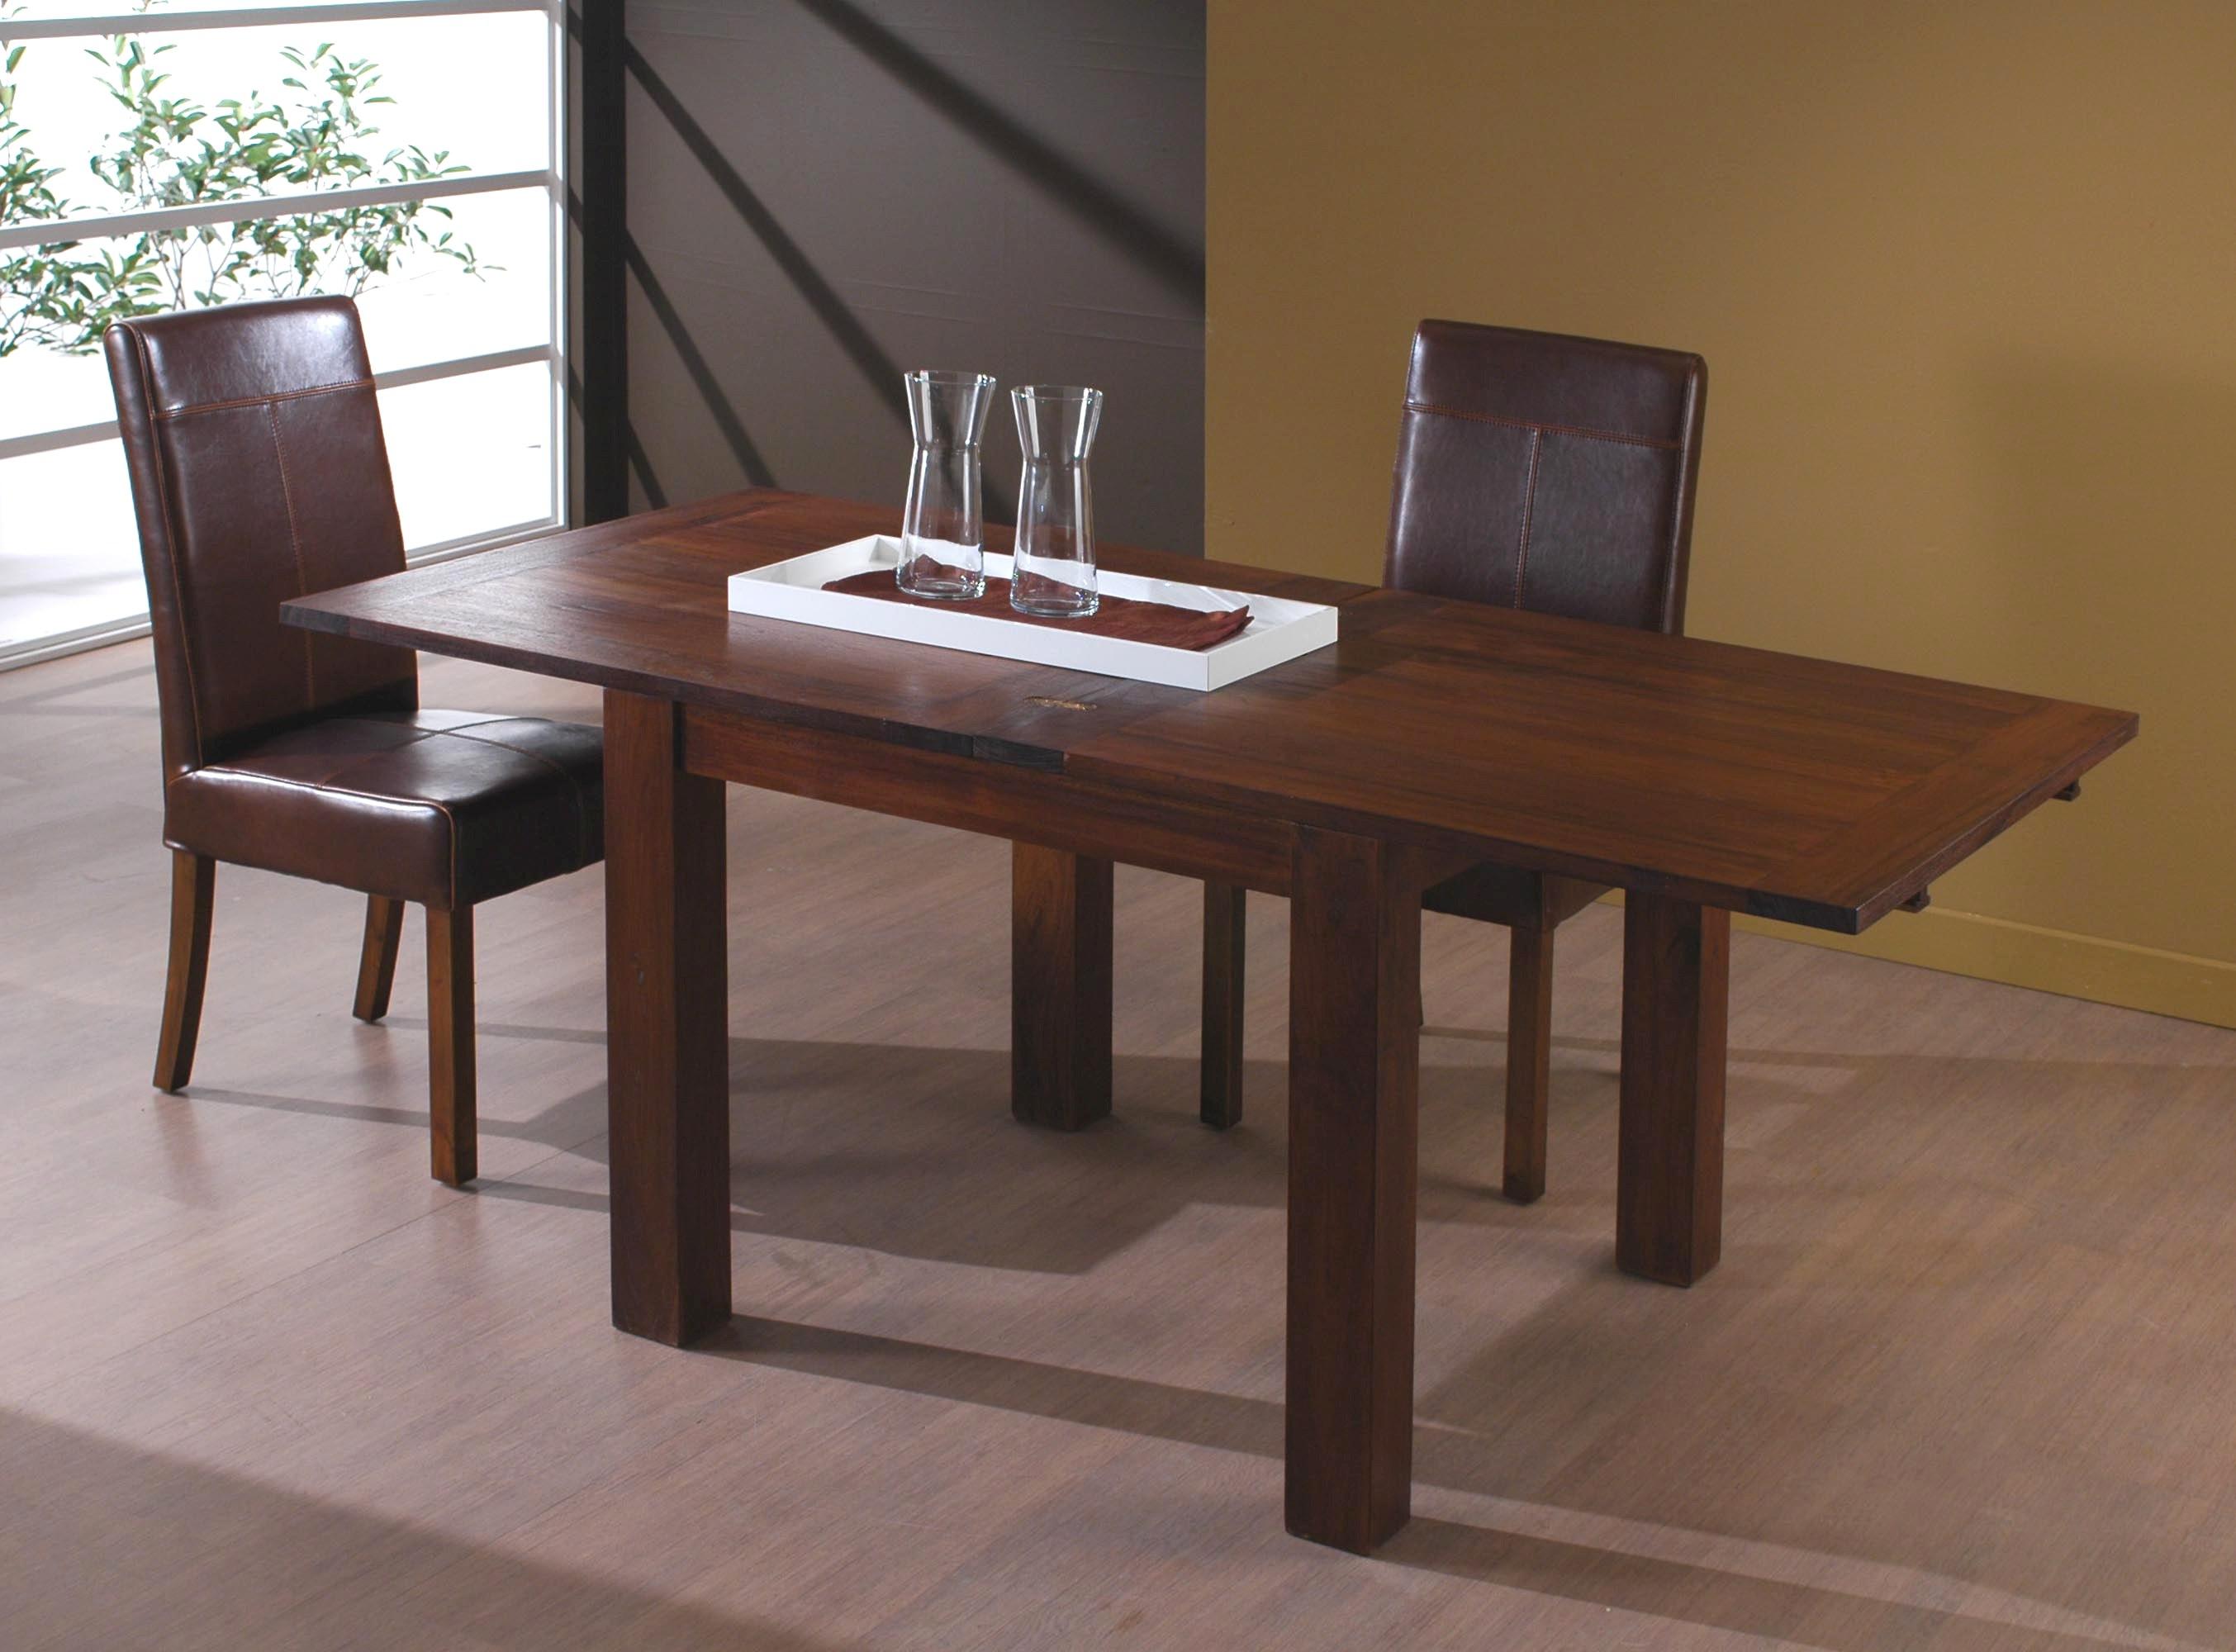 W 392 tavolo a libro - Tavoli allungabili a libro ...